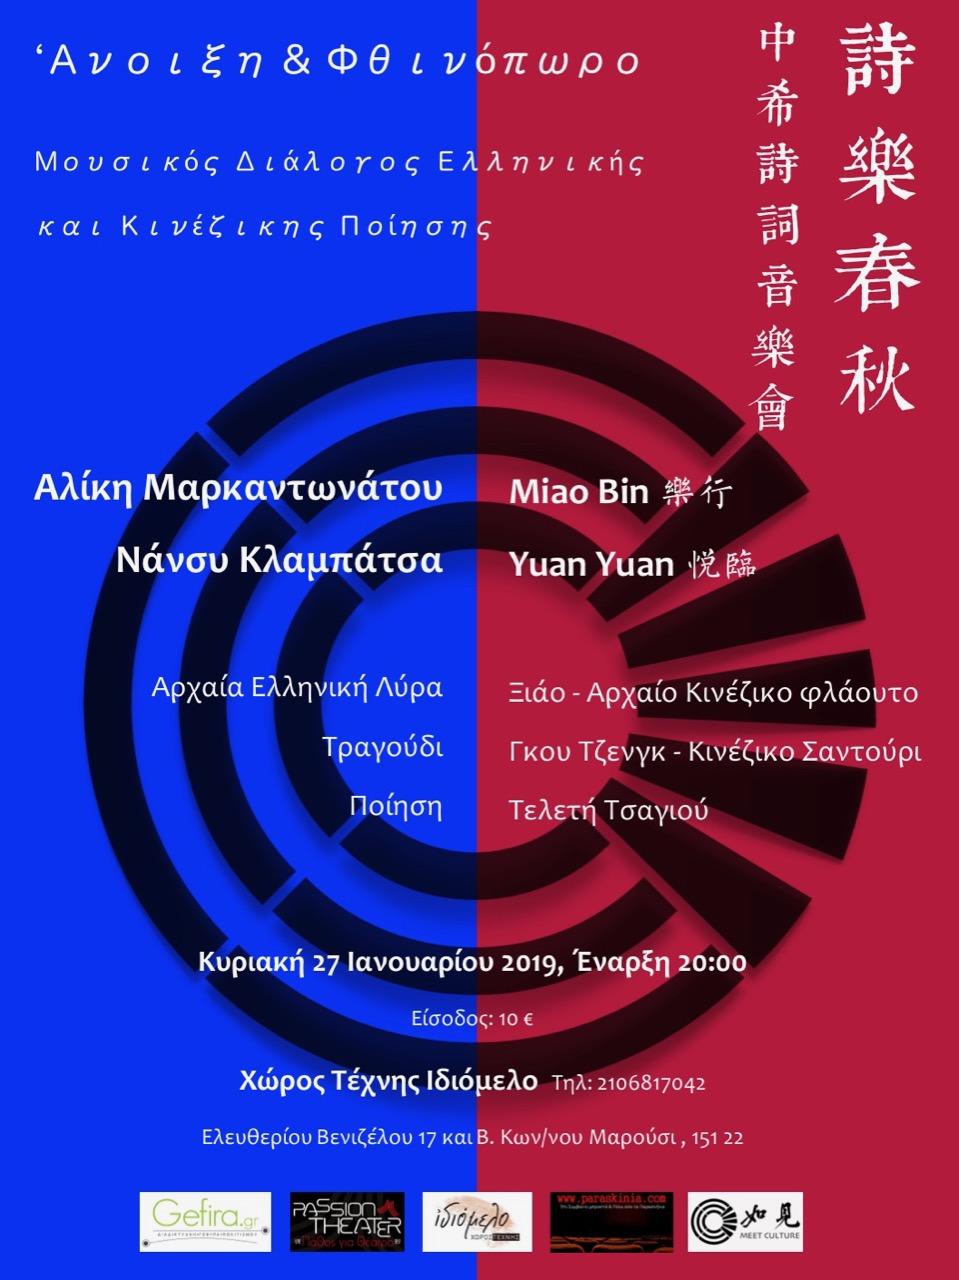 'Ανοιξη & Φθινόπωρο - Μουσικός Διάλογος Ελληνικής και Κινέζικης Ποίησης Greek Chinese Poetry Concert